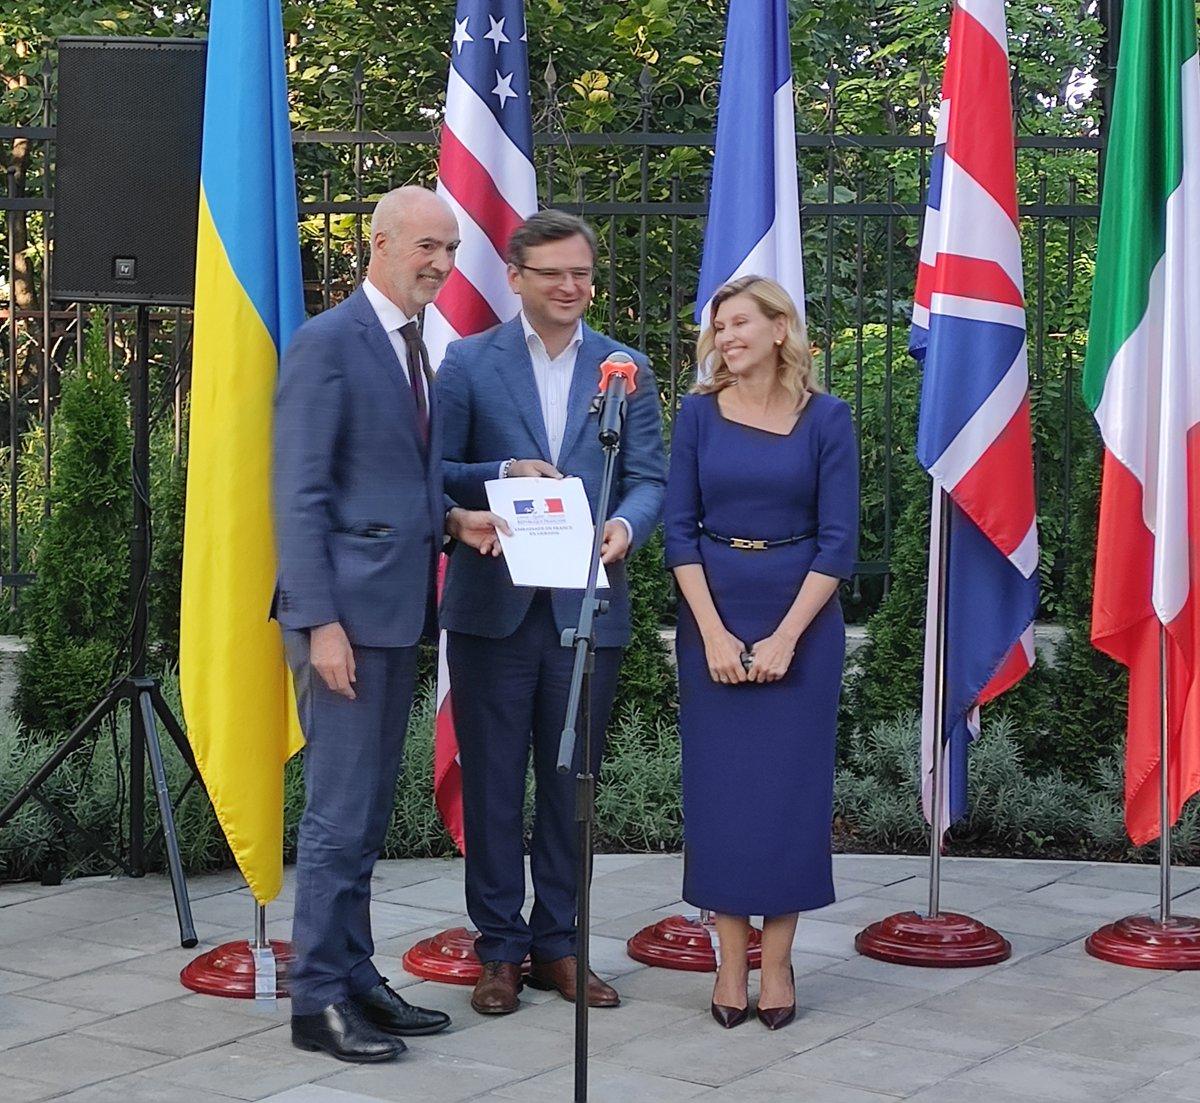 Cérémonie officielle à #Kiev pour officialiser l'adhésion de l'Ukraine 🇺🇦 au Partenariat de Biarritz #G7, coalition mondiale en faveur de l'égalité femmes-hommes. Le Forum #GénérationÉgalité s'inscrit dans la continuité du Partenariat et dressera le bilan des progrès accomplis. https://t.co/CHHe7Y3wy0